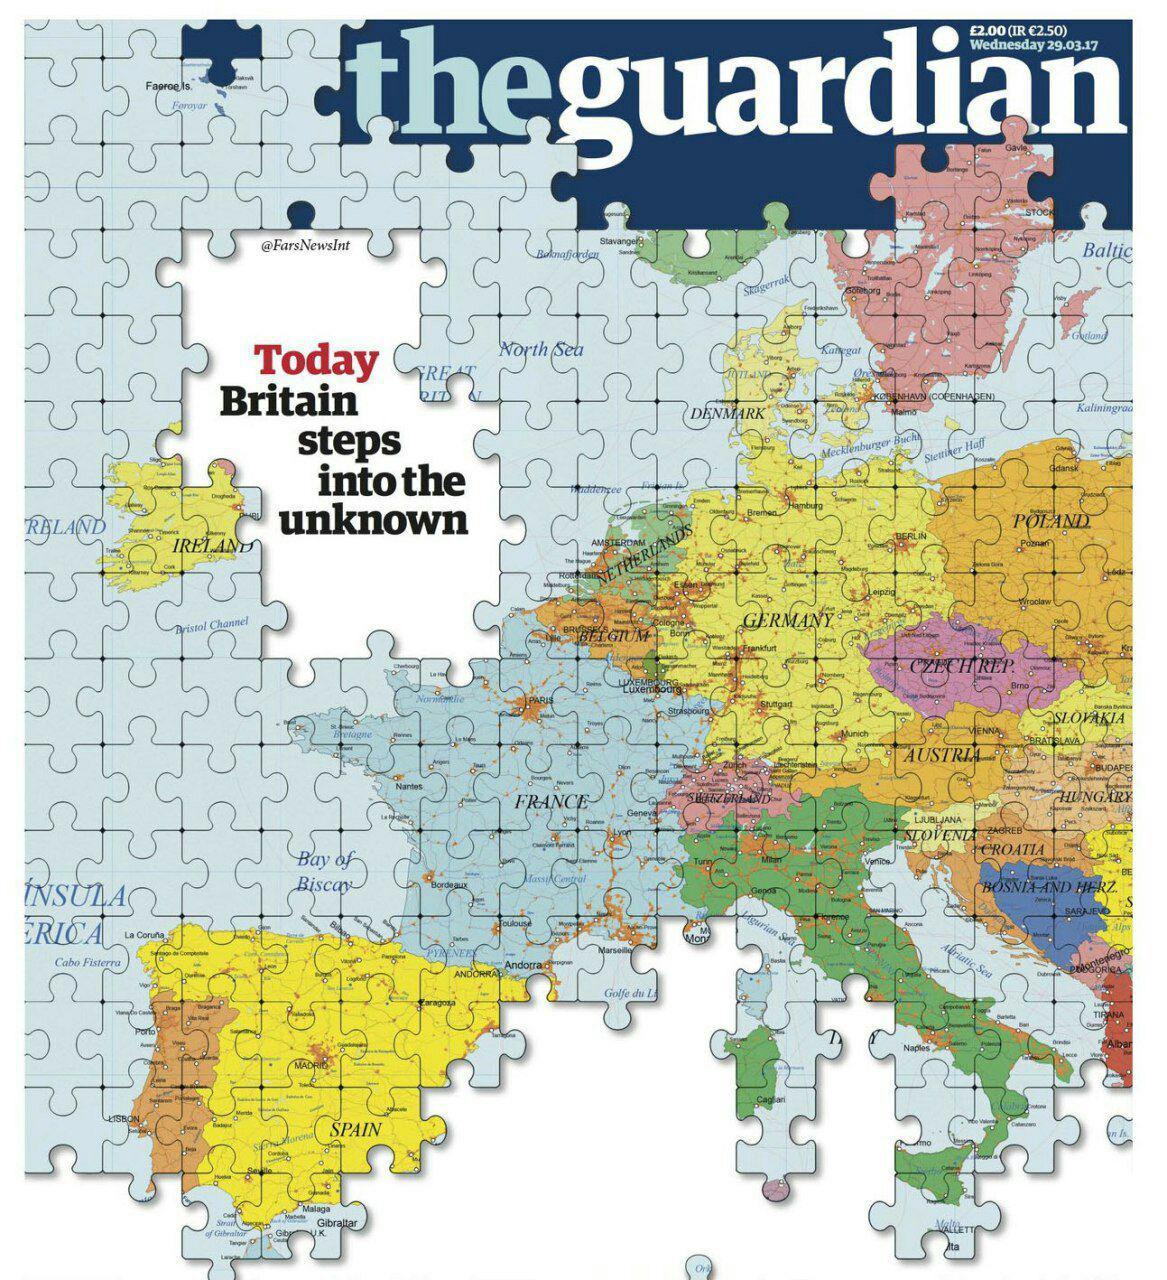 جلد نشریه «گاردین» در واکنش به خروج بریتانیا از اتحادیه اروپا